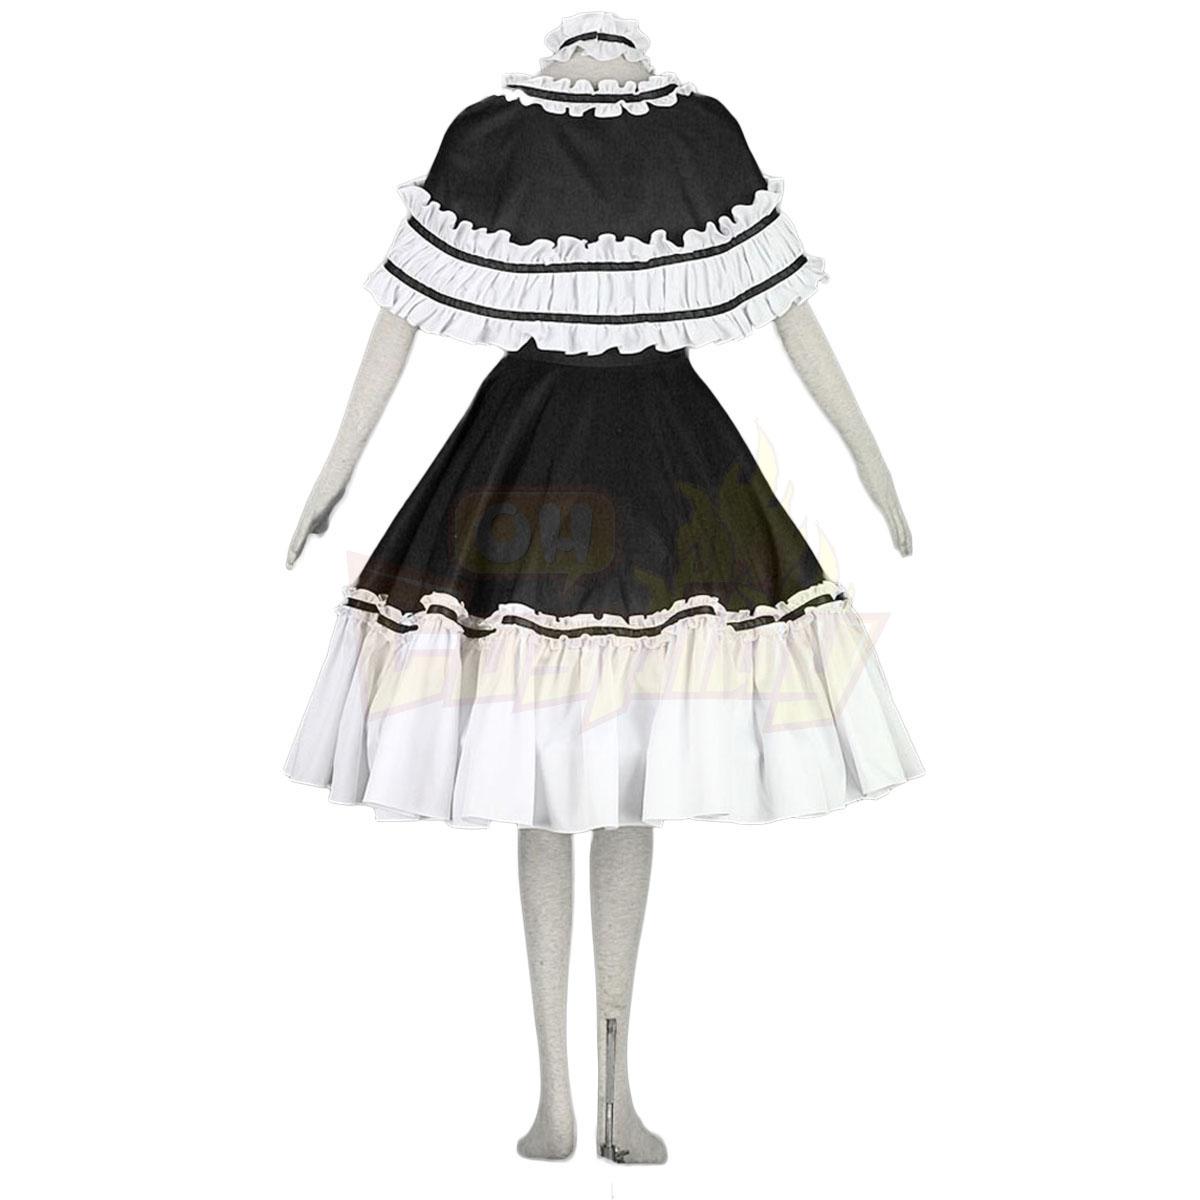 호화로운 로리타 문화 목도리 Spsghitti 터커 소동 긴 드레스 코스프레